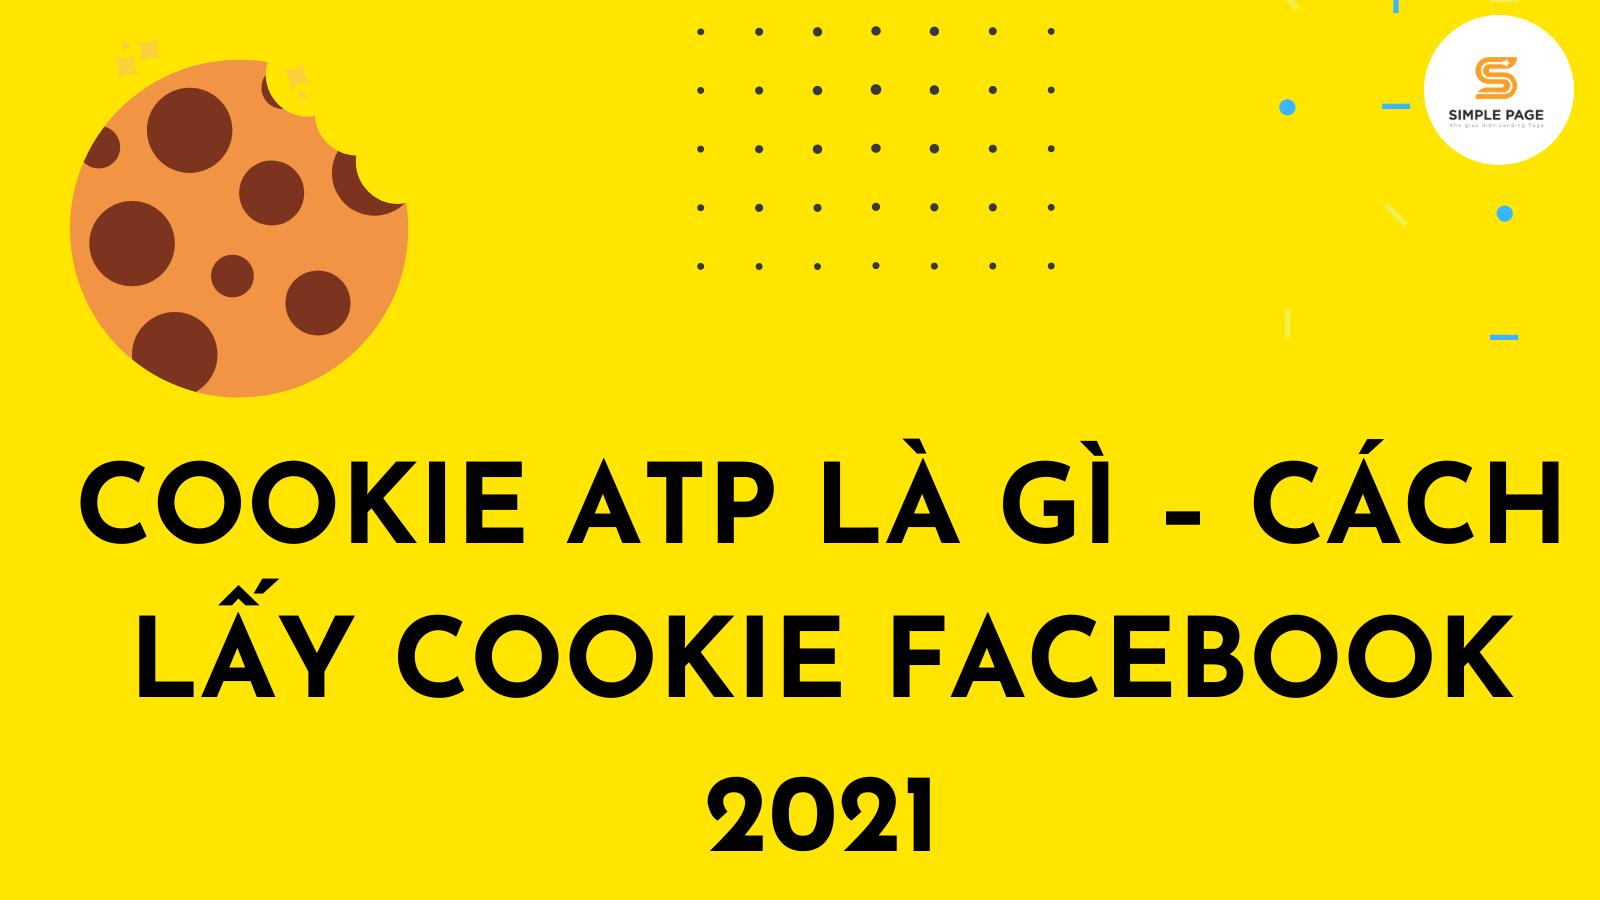 Cookie atp là gì – Cách lấy cookie Facebook 2021